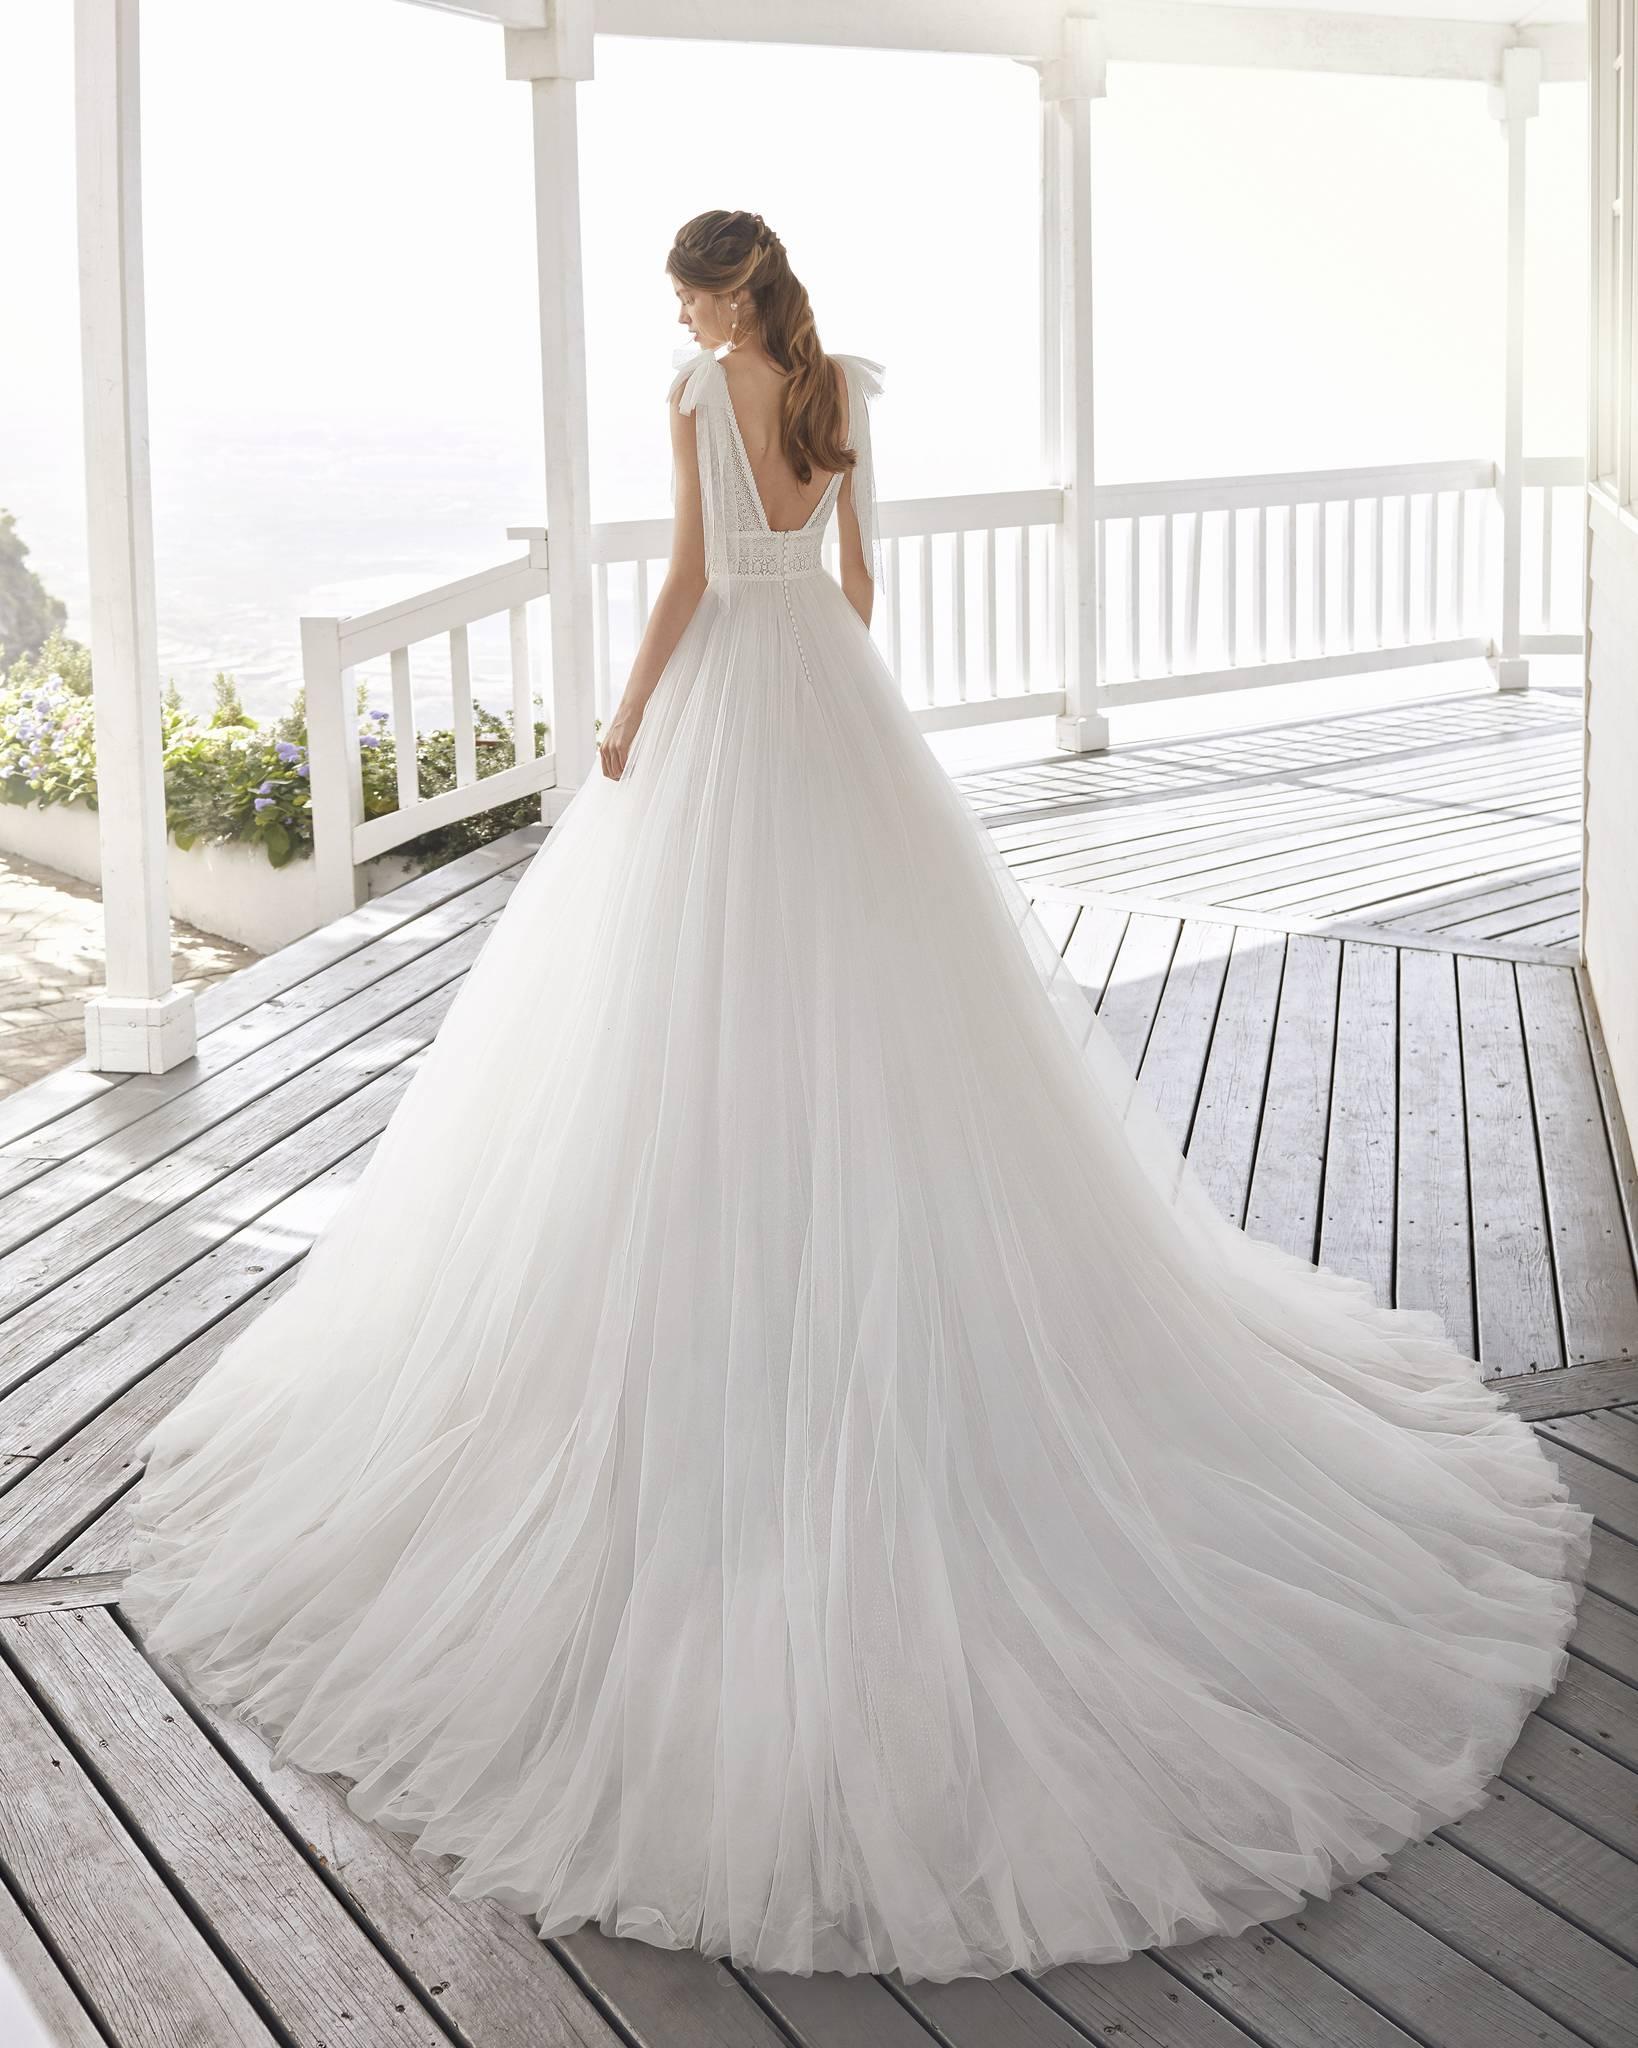 Croacia esküvői ruha - Rosa Clará 2021